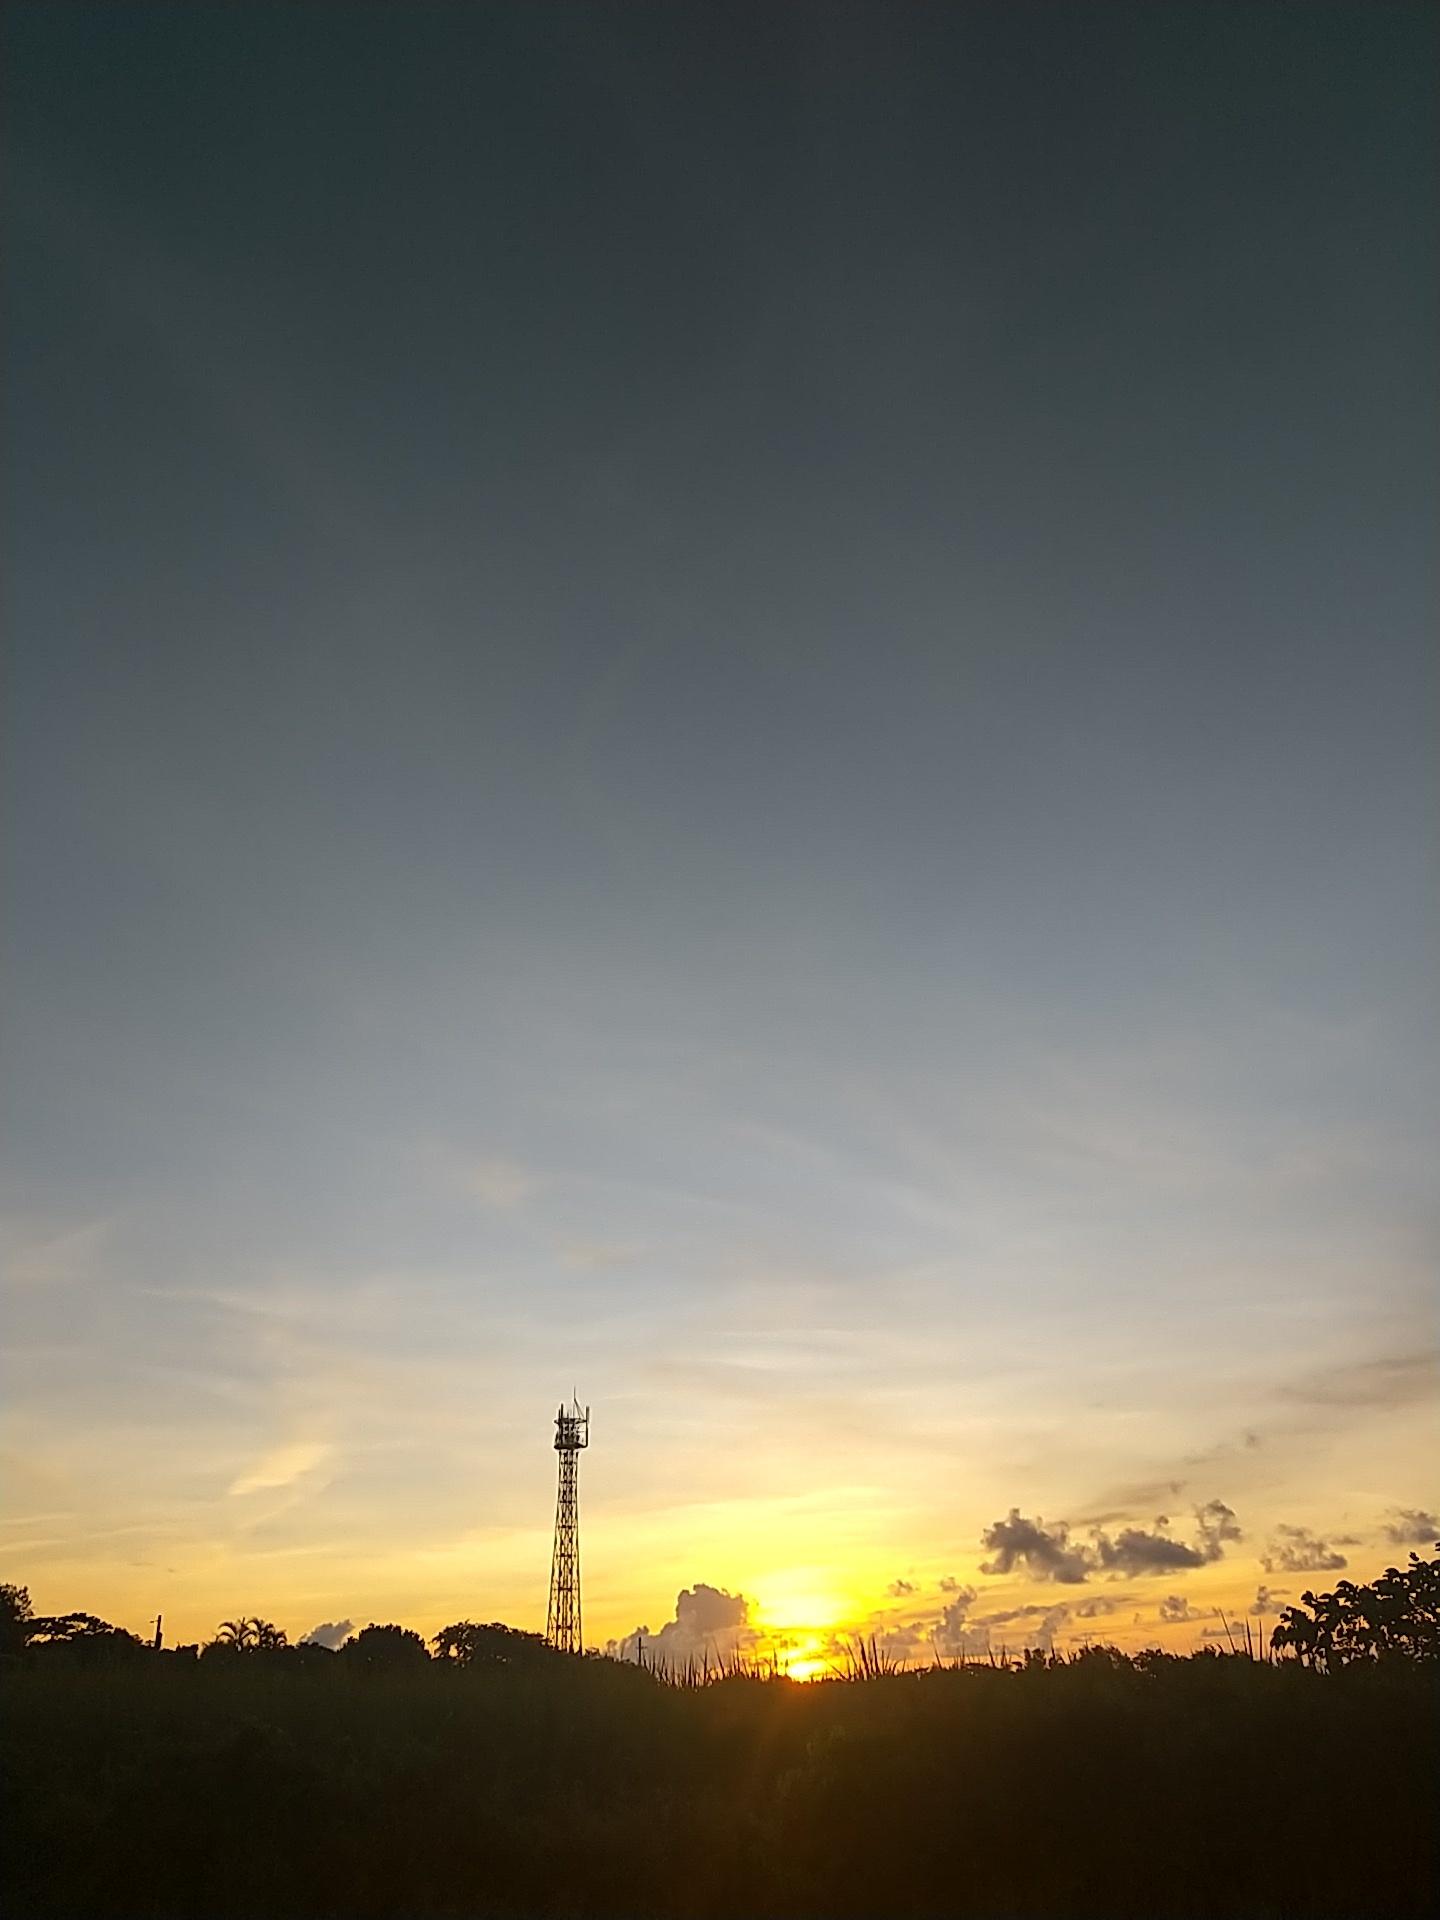 やさしい朝焼け。_e0251855_06353477.jpg